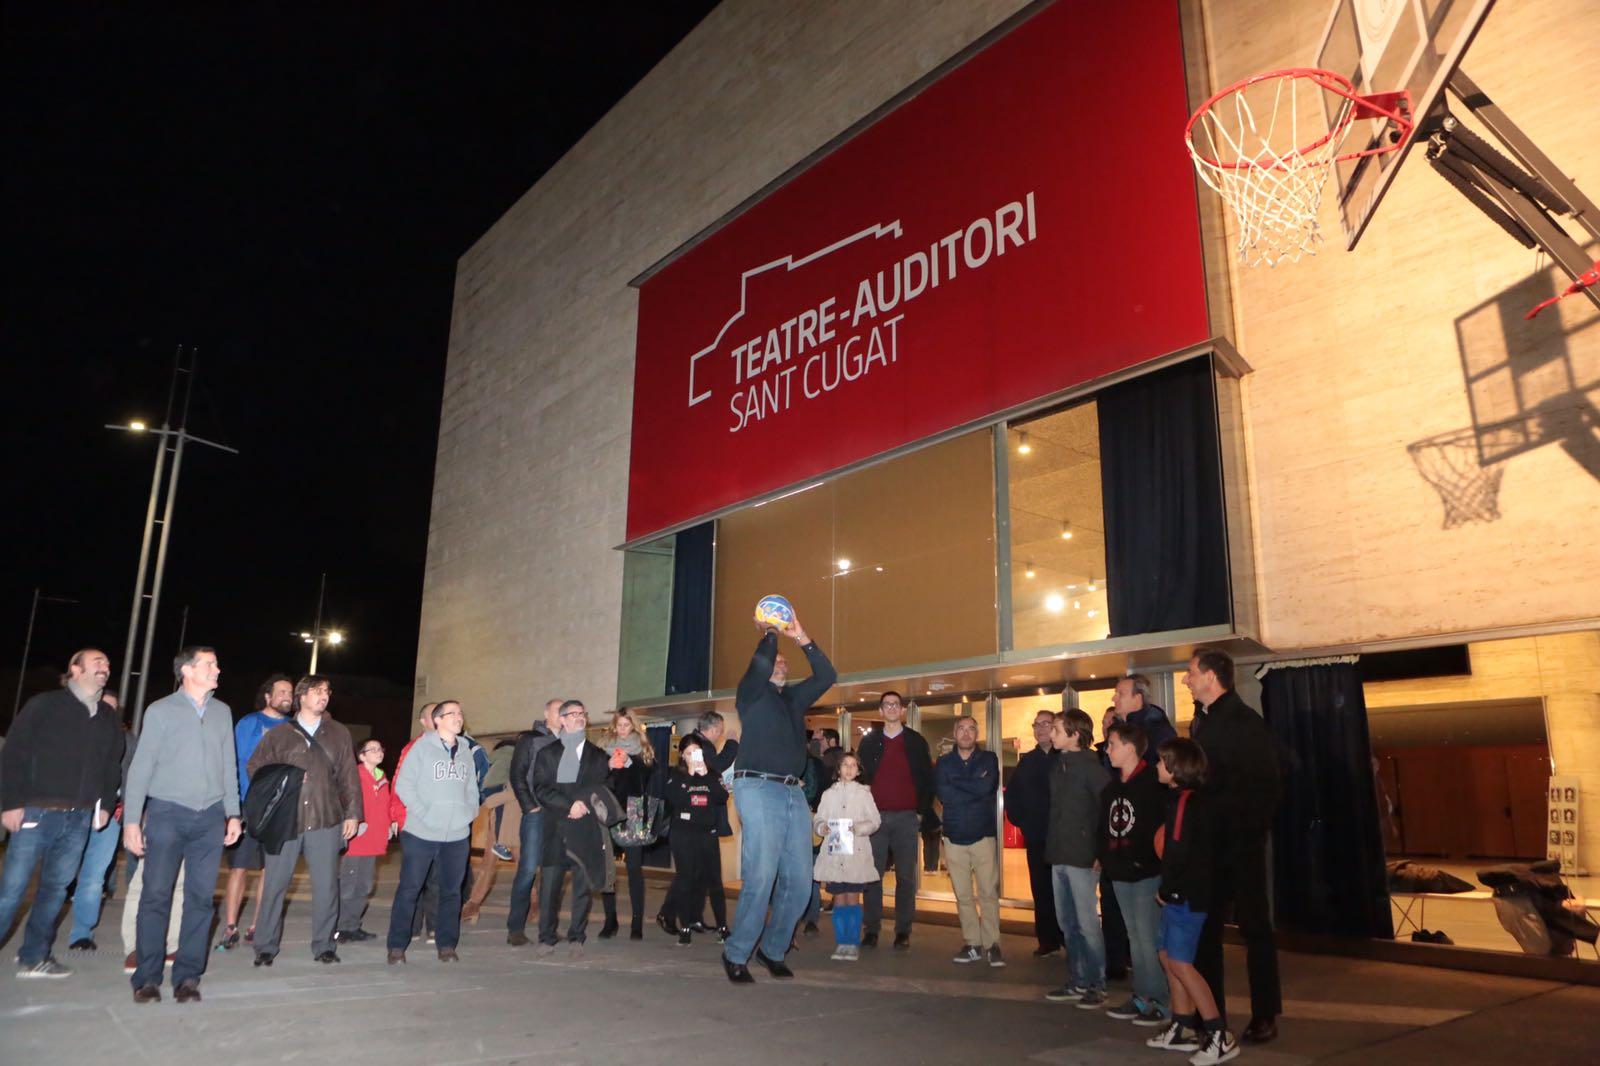 Audie Norris, a la foto, i Nacho Solozábal han fet uns llançaments en una cistella, a l'exterior del Teatre-Auditori. FOTO: Artur Ribera